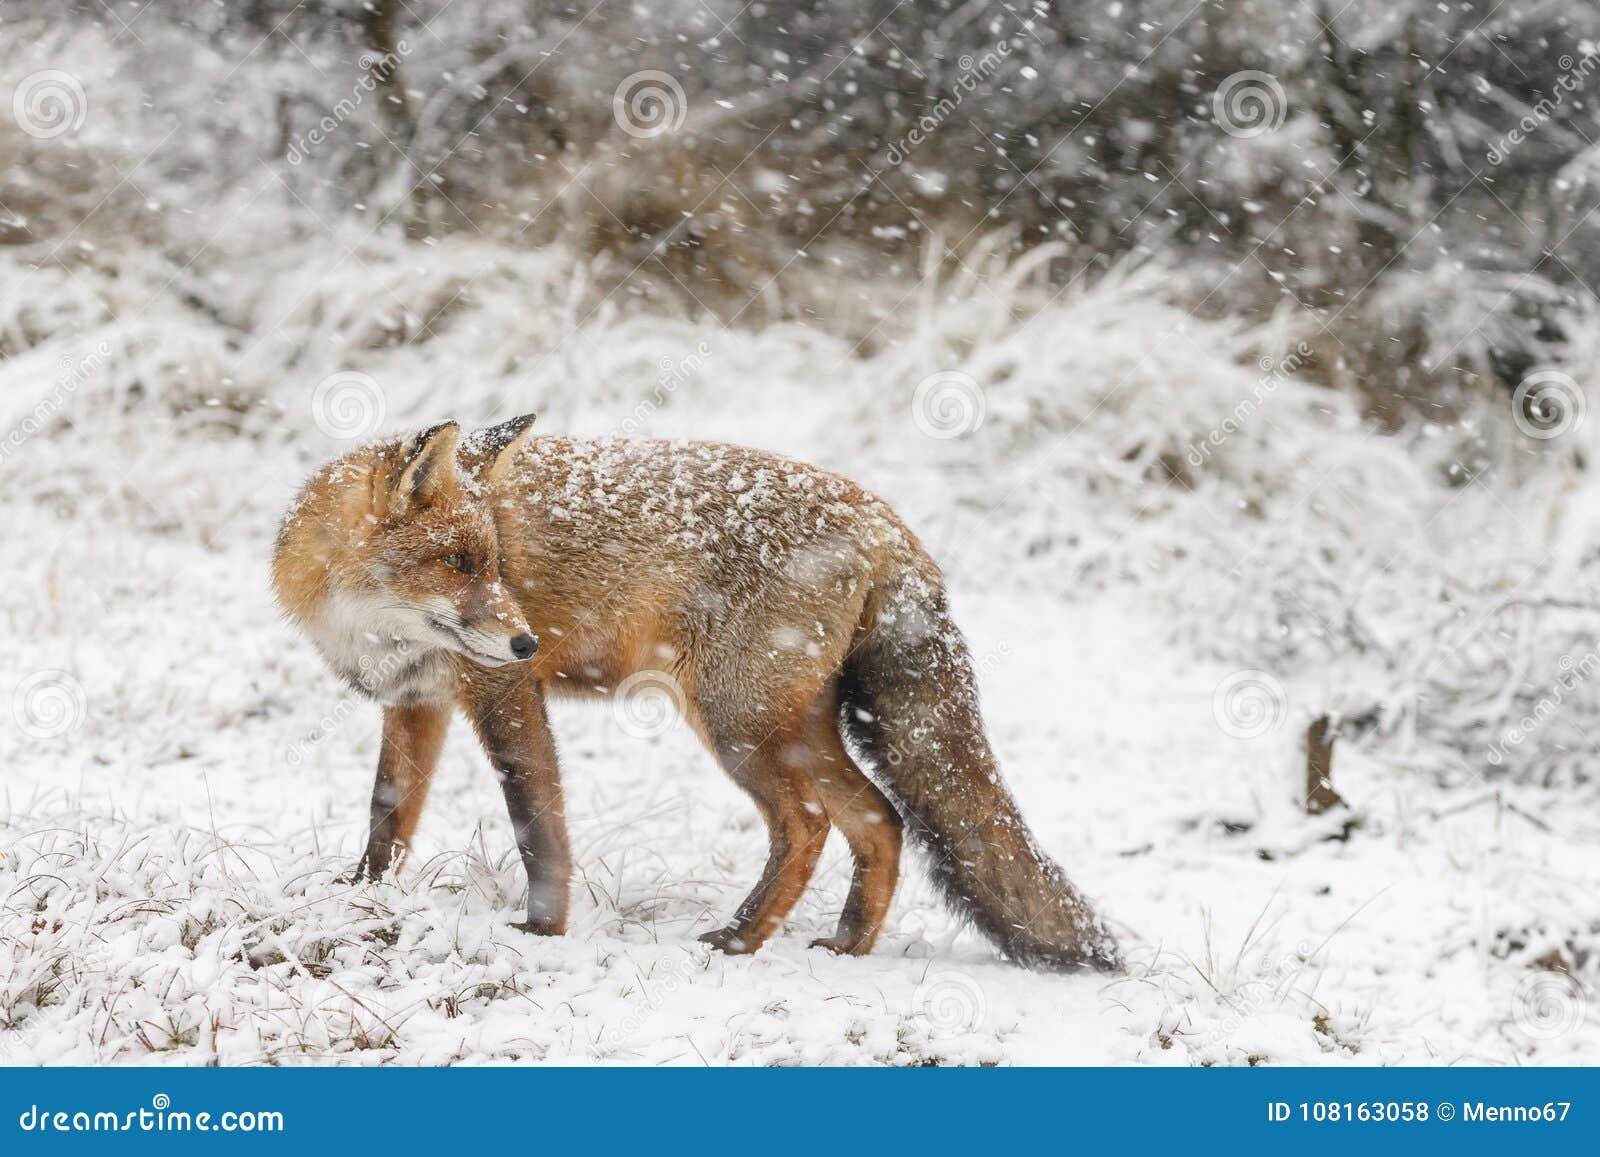 Roter Fuchs In Einem Winter Landschap Stockfoto Bild Von